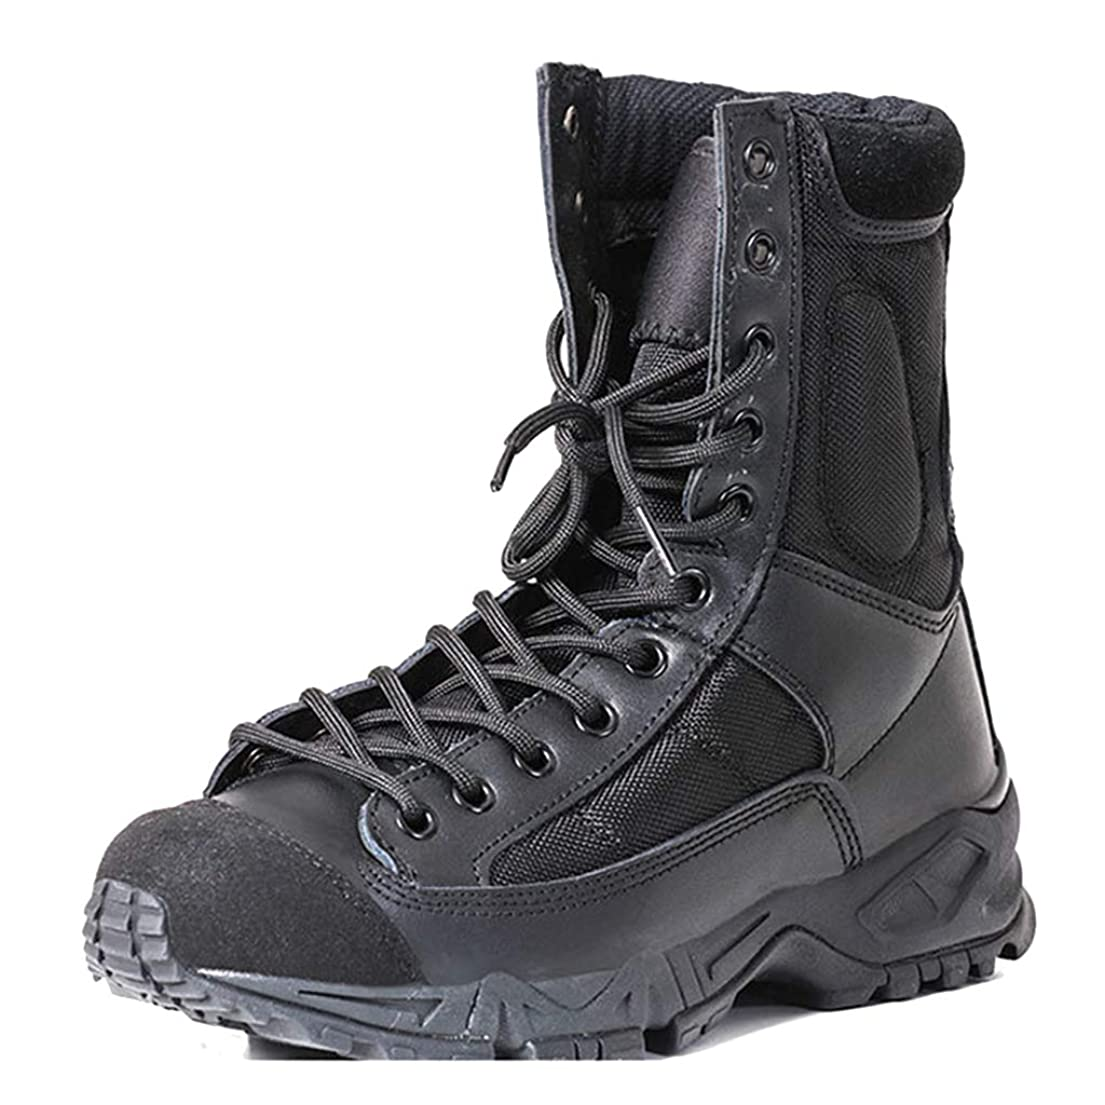 のため麦芽農奴ユニセックスミリタリーアーミーブーツ戦術パトロール戦闘靴警察警備員仕事ユーティリティ履物用レディースメンズアウトドアシューズ